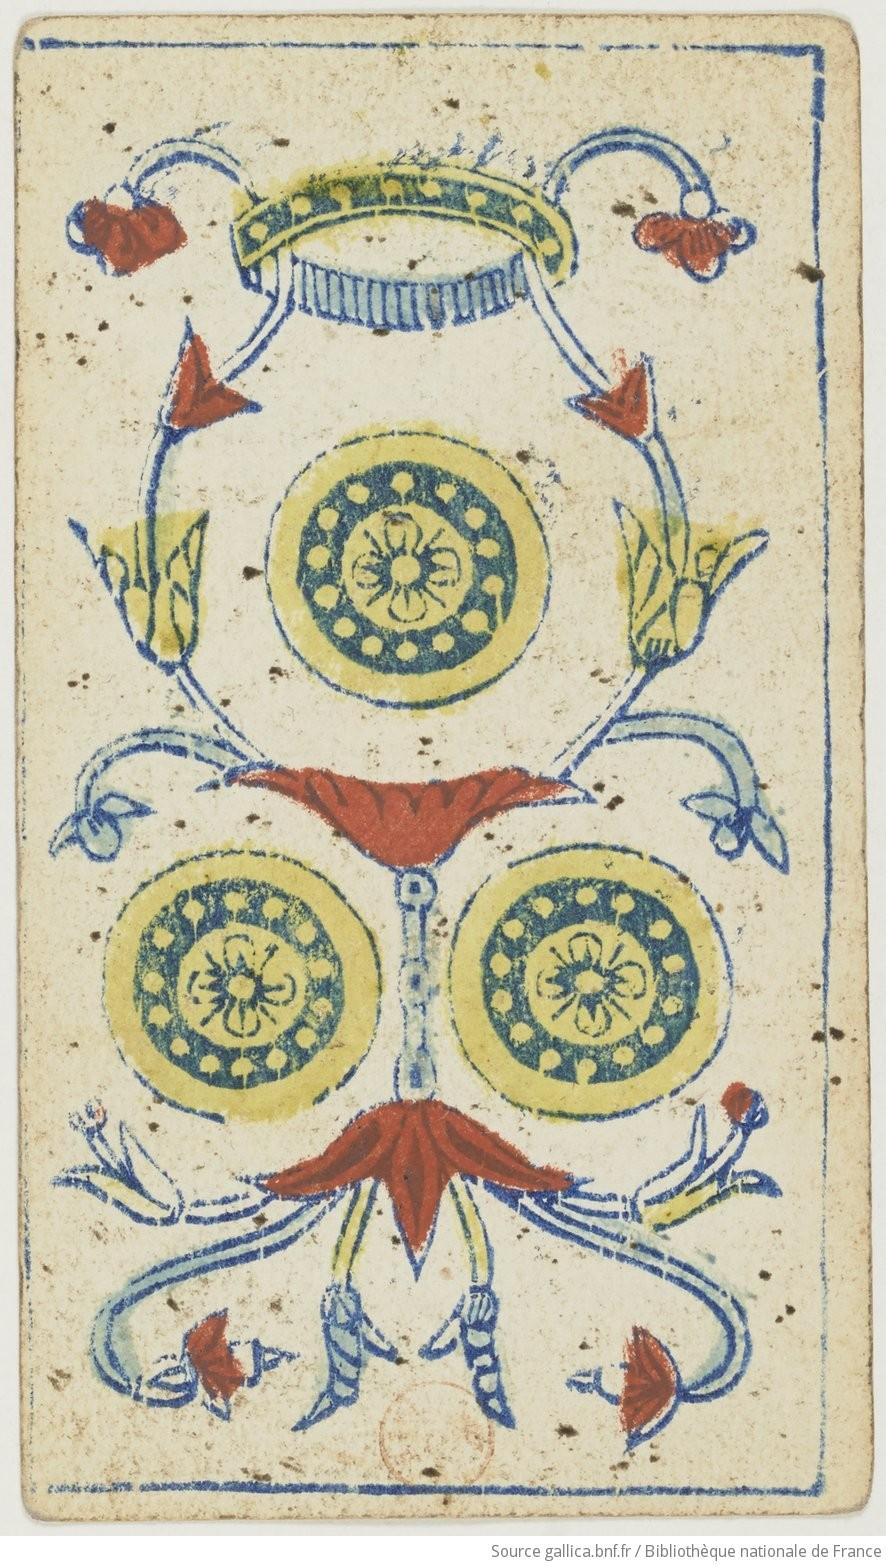 http://gallica.bnf.fr/ark:/12148/btv1b10513772t/f97.highres